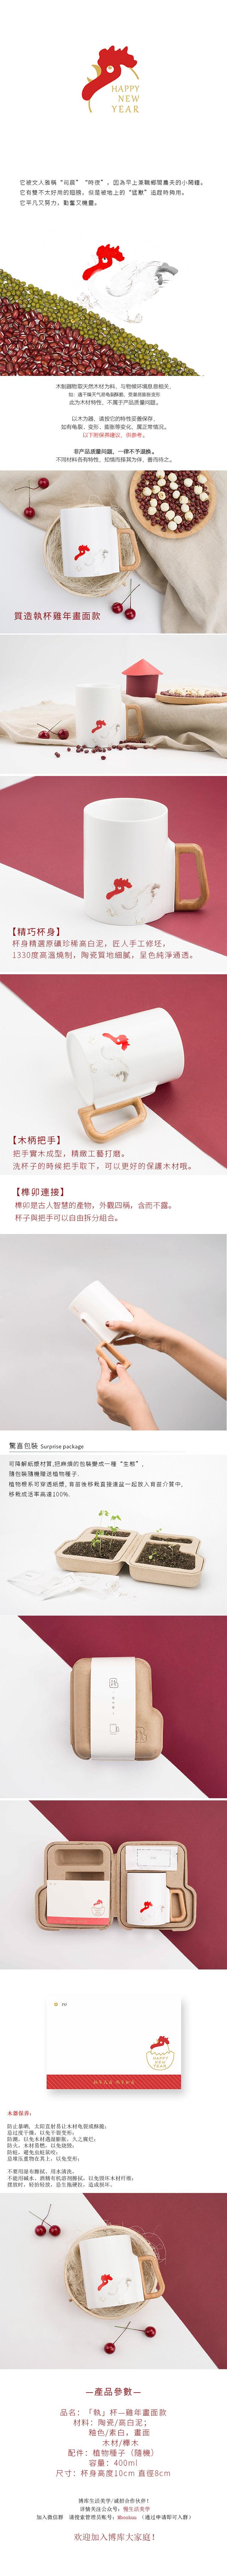 20170413质造执杯-鸡年生肖.jpg